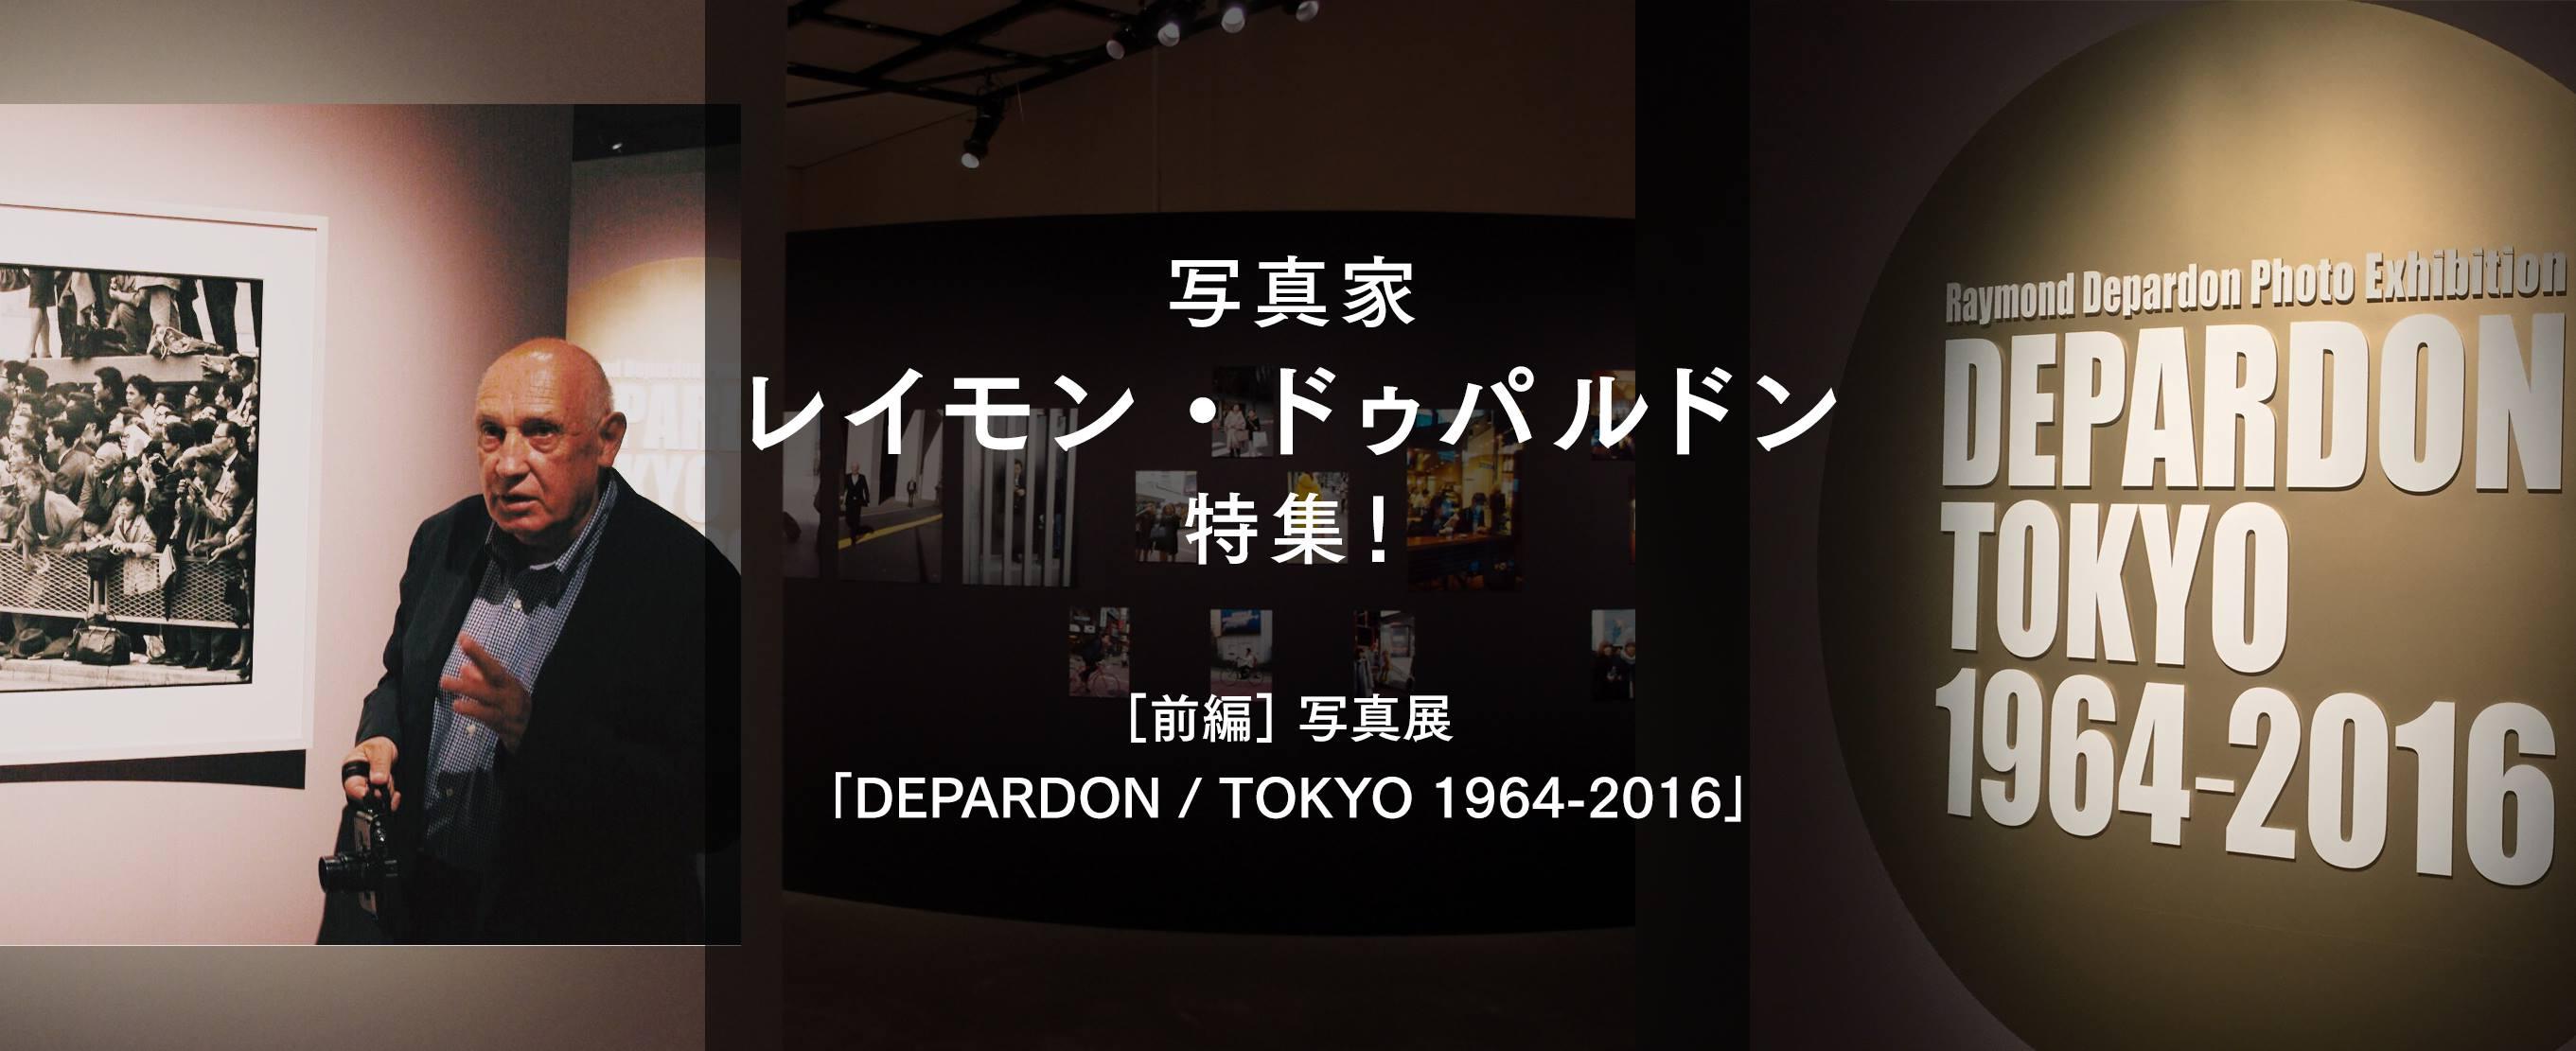 写真家レイモン・ドゥパルドン特集! [前編]  写真展「DEPARDON / TOKYO 1964-